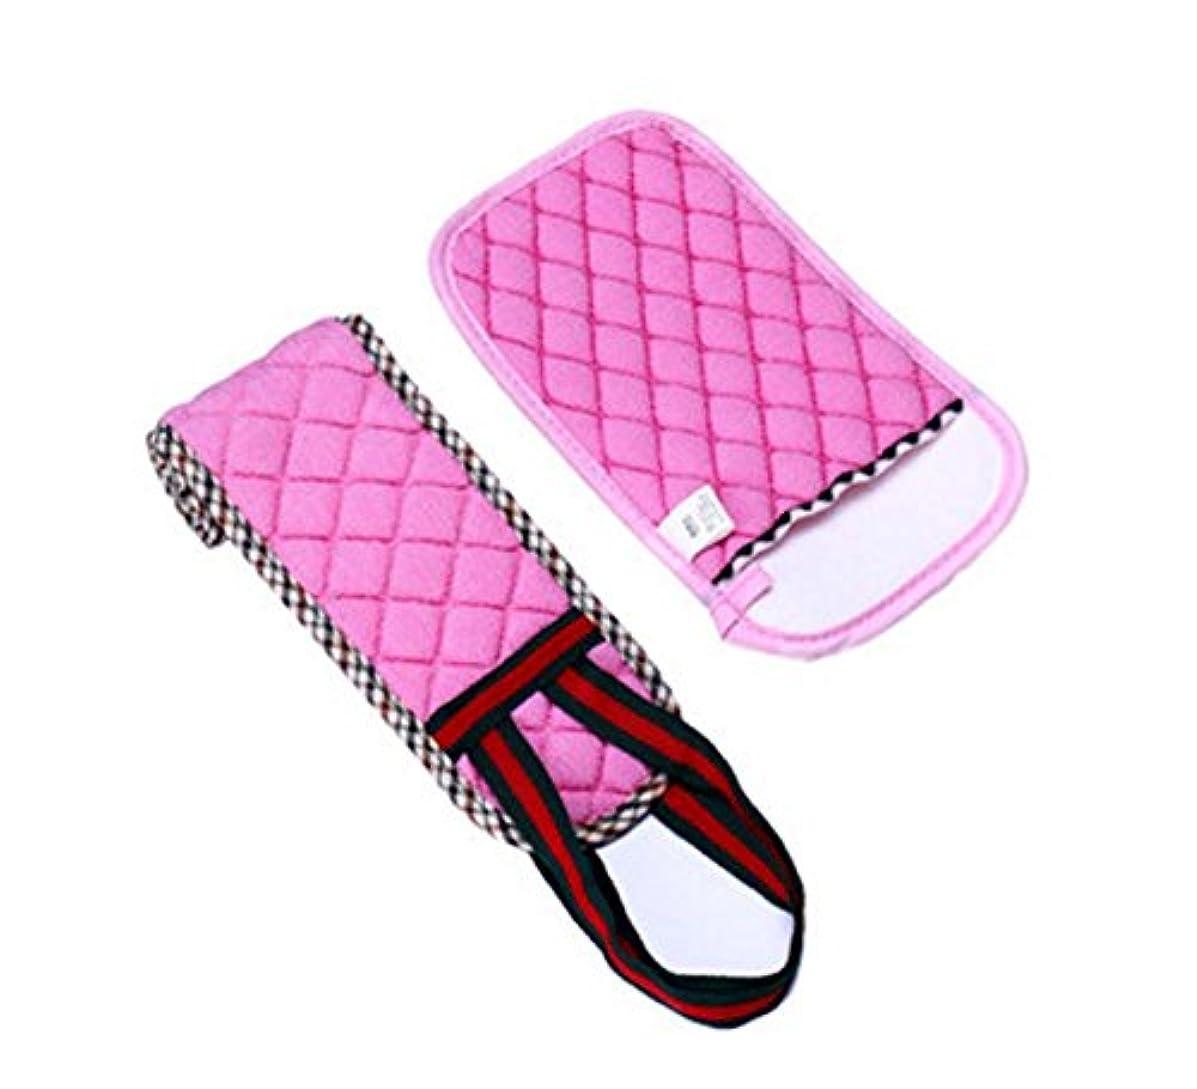 最小レイプコロニー2プルバックロングバスタオル/ラブマッドアダルト手袋セット、ピンク